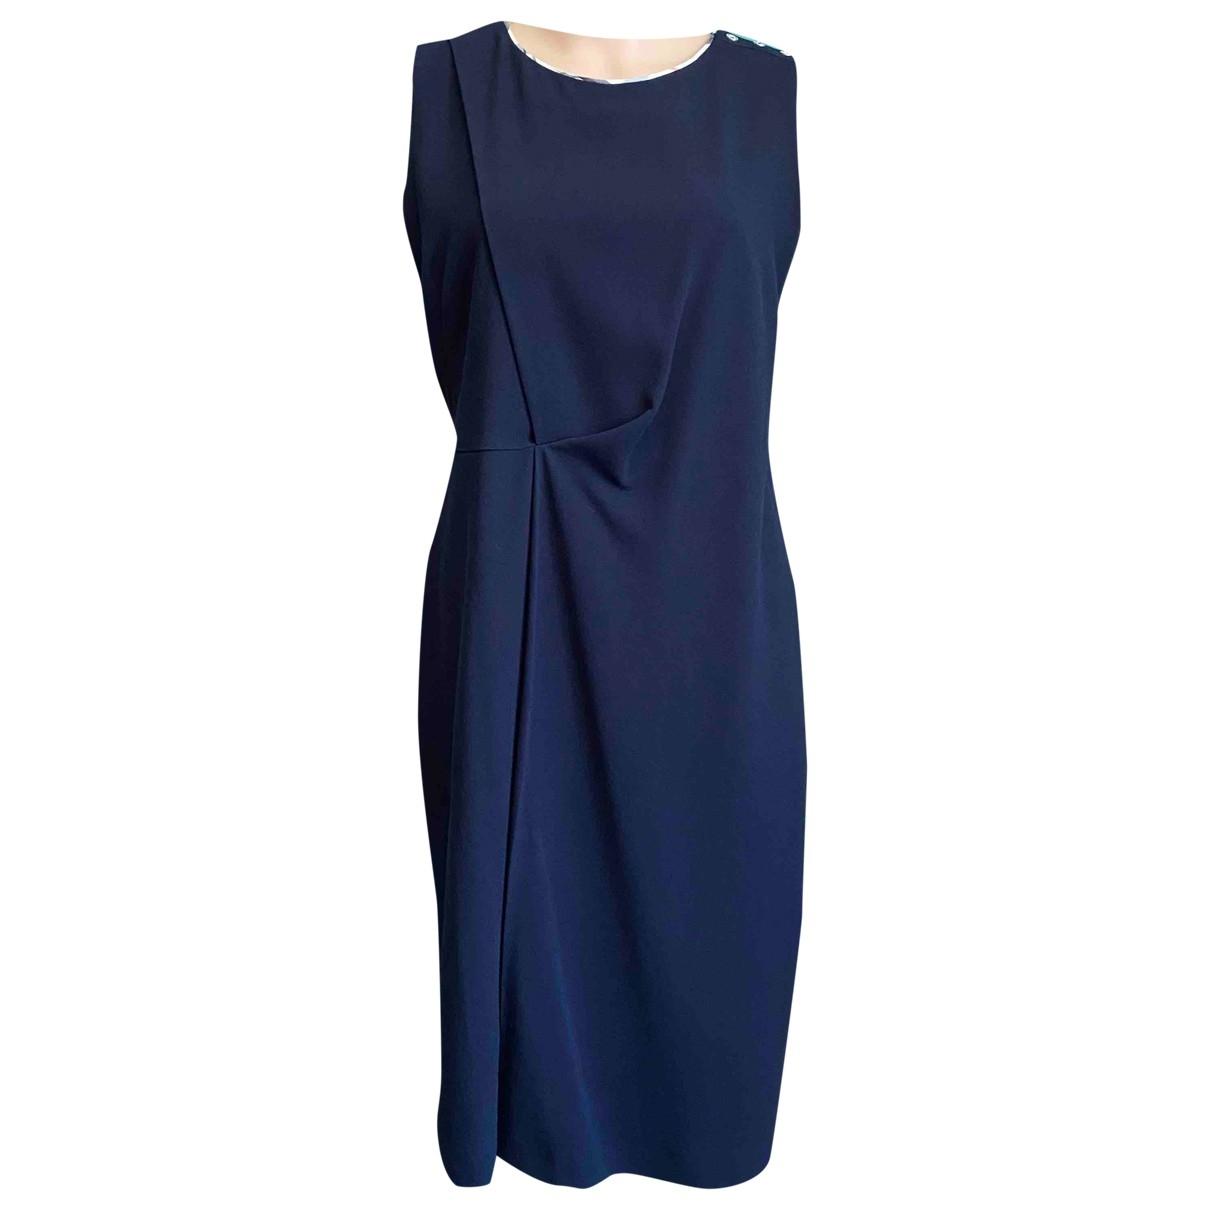 Barbour \N Kleid in  Blau Wolle